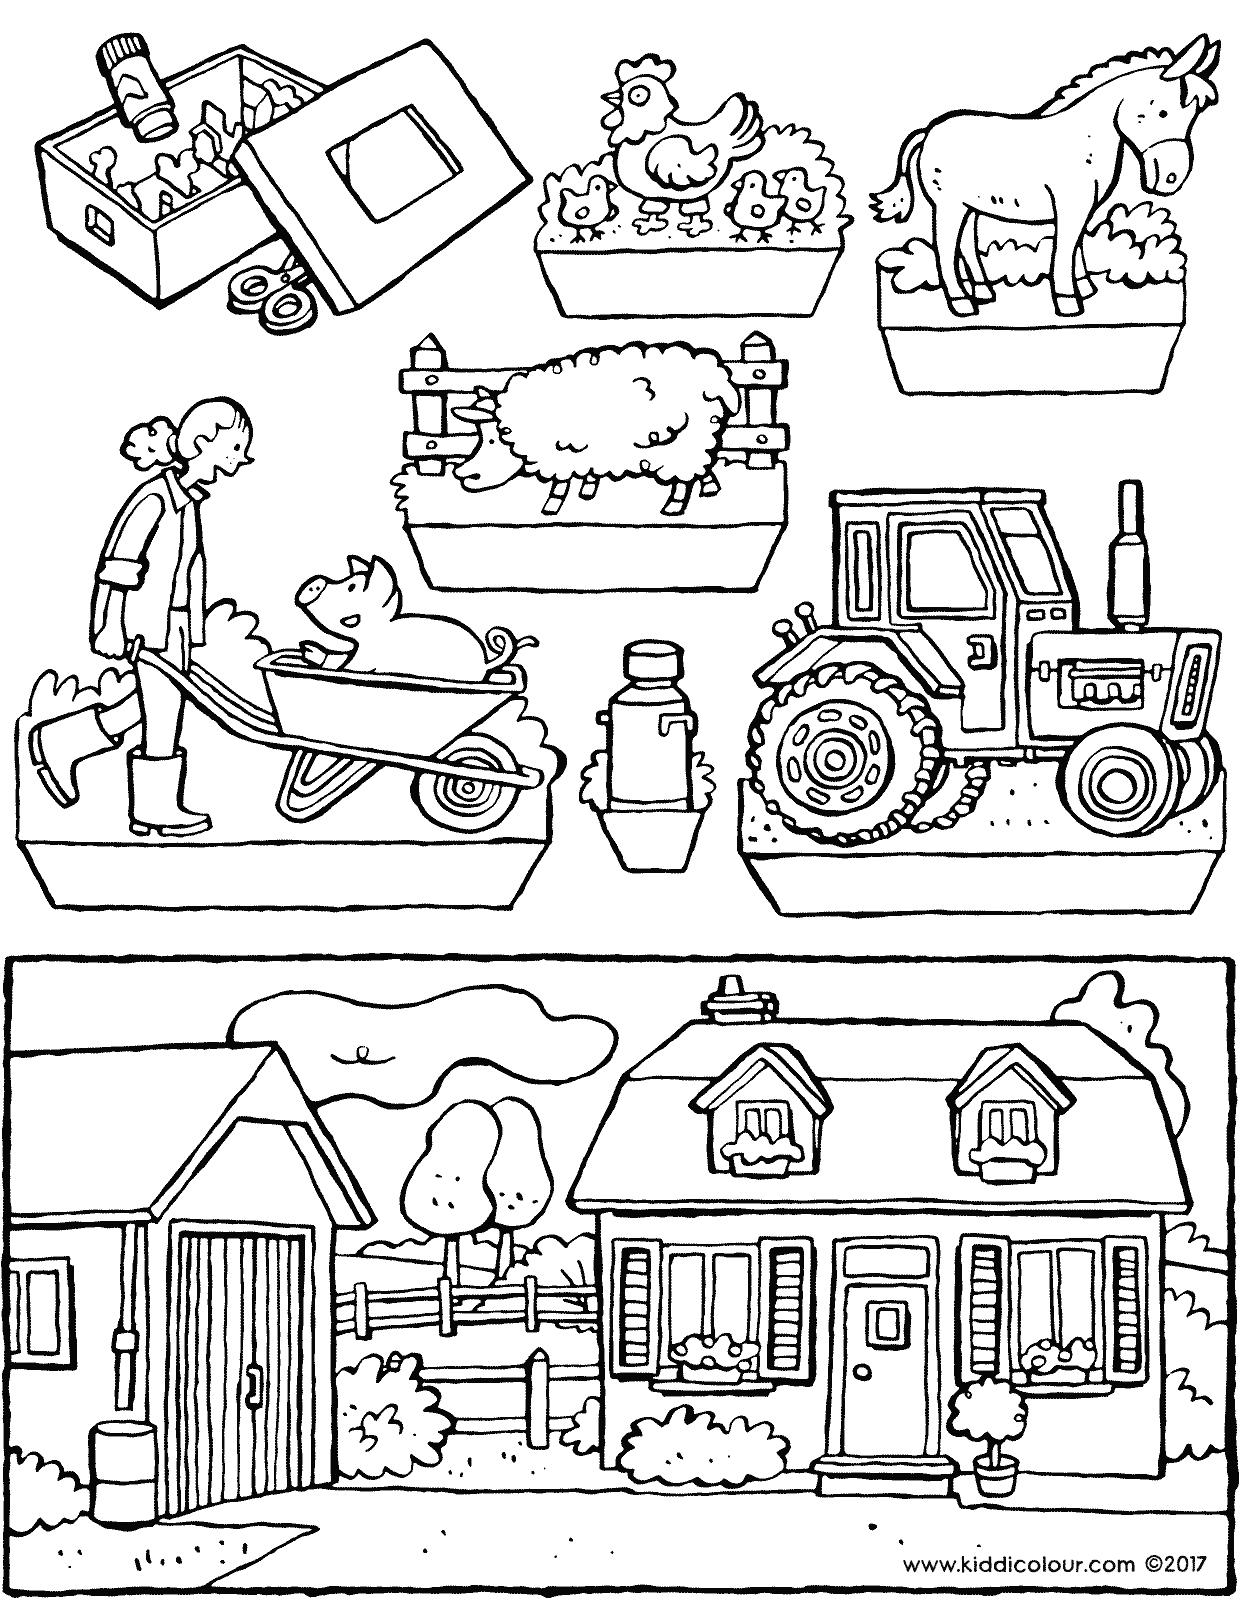 Next Stop Pinterest Ausmalbilder Zum Ausdrucken Ausmalbilder Thema Bauernhof